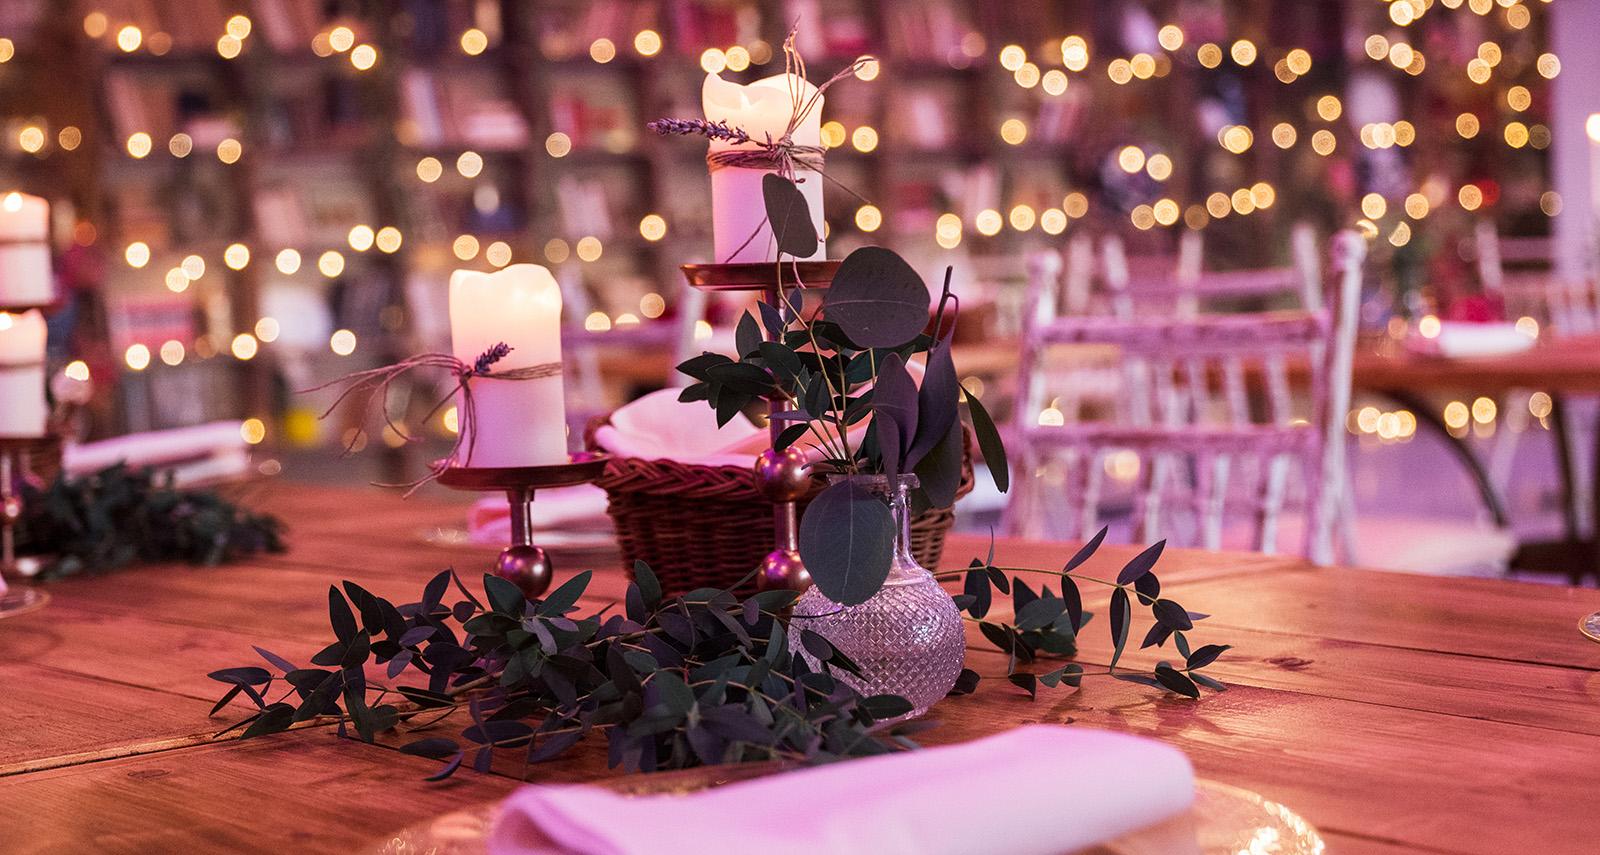 our-quinta-quinta-para-casamentos-com-alojamento-espaco-eventos-corporativos-lisboa-mafra-malveira-8